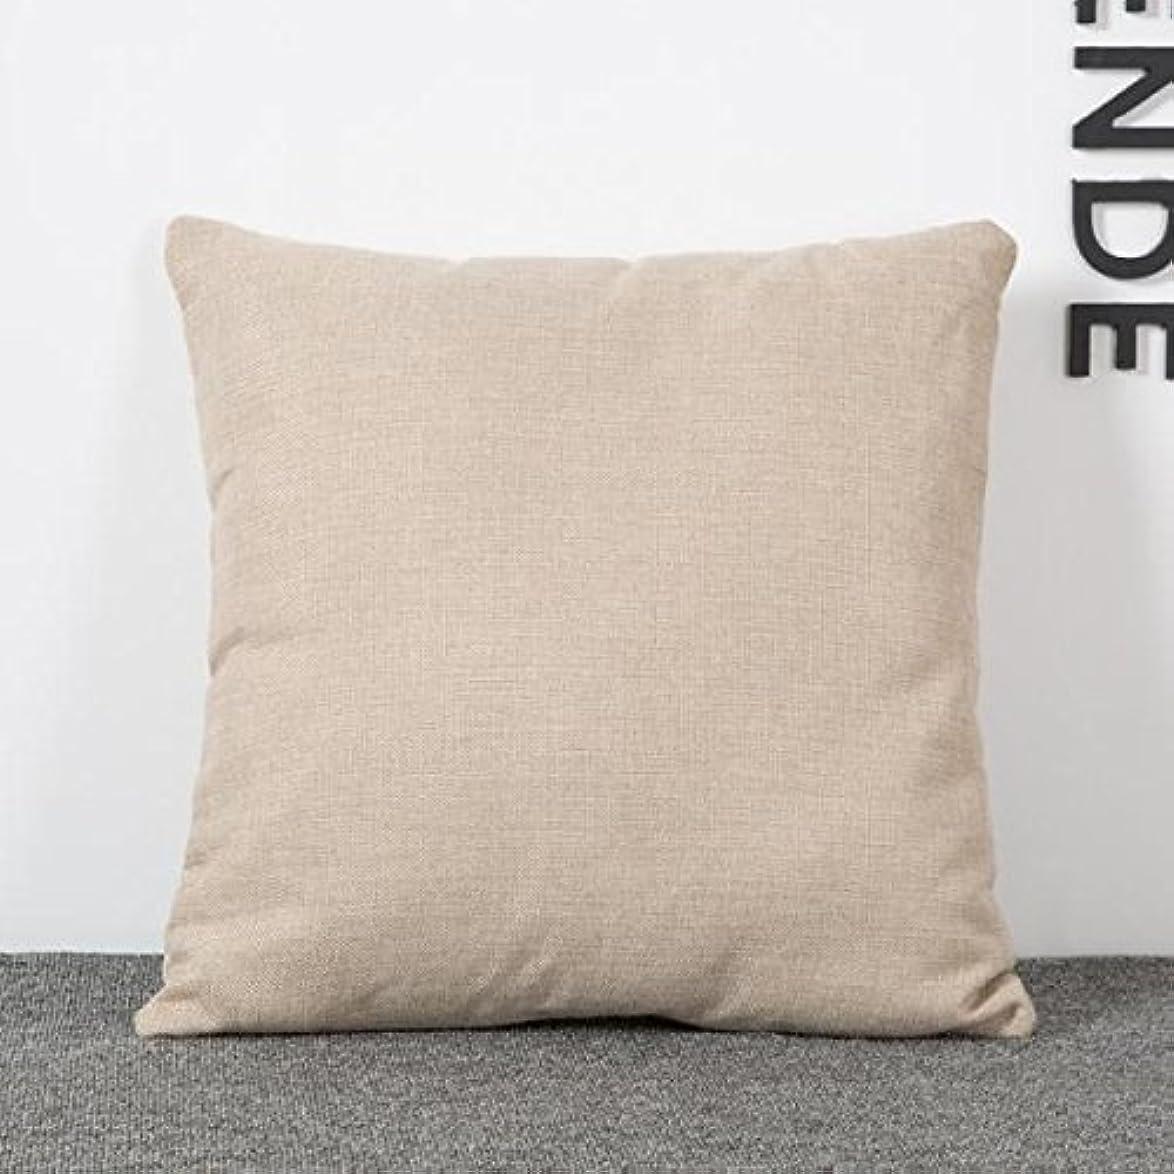 延期する災害推定B Blesiya 蝶の綿の腰投げ枕カバーソファのクッションカバー家の装飾#2